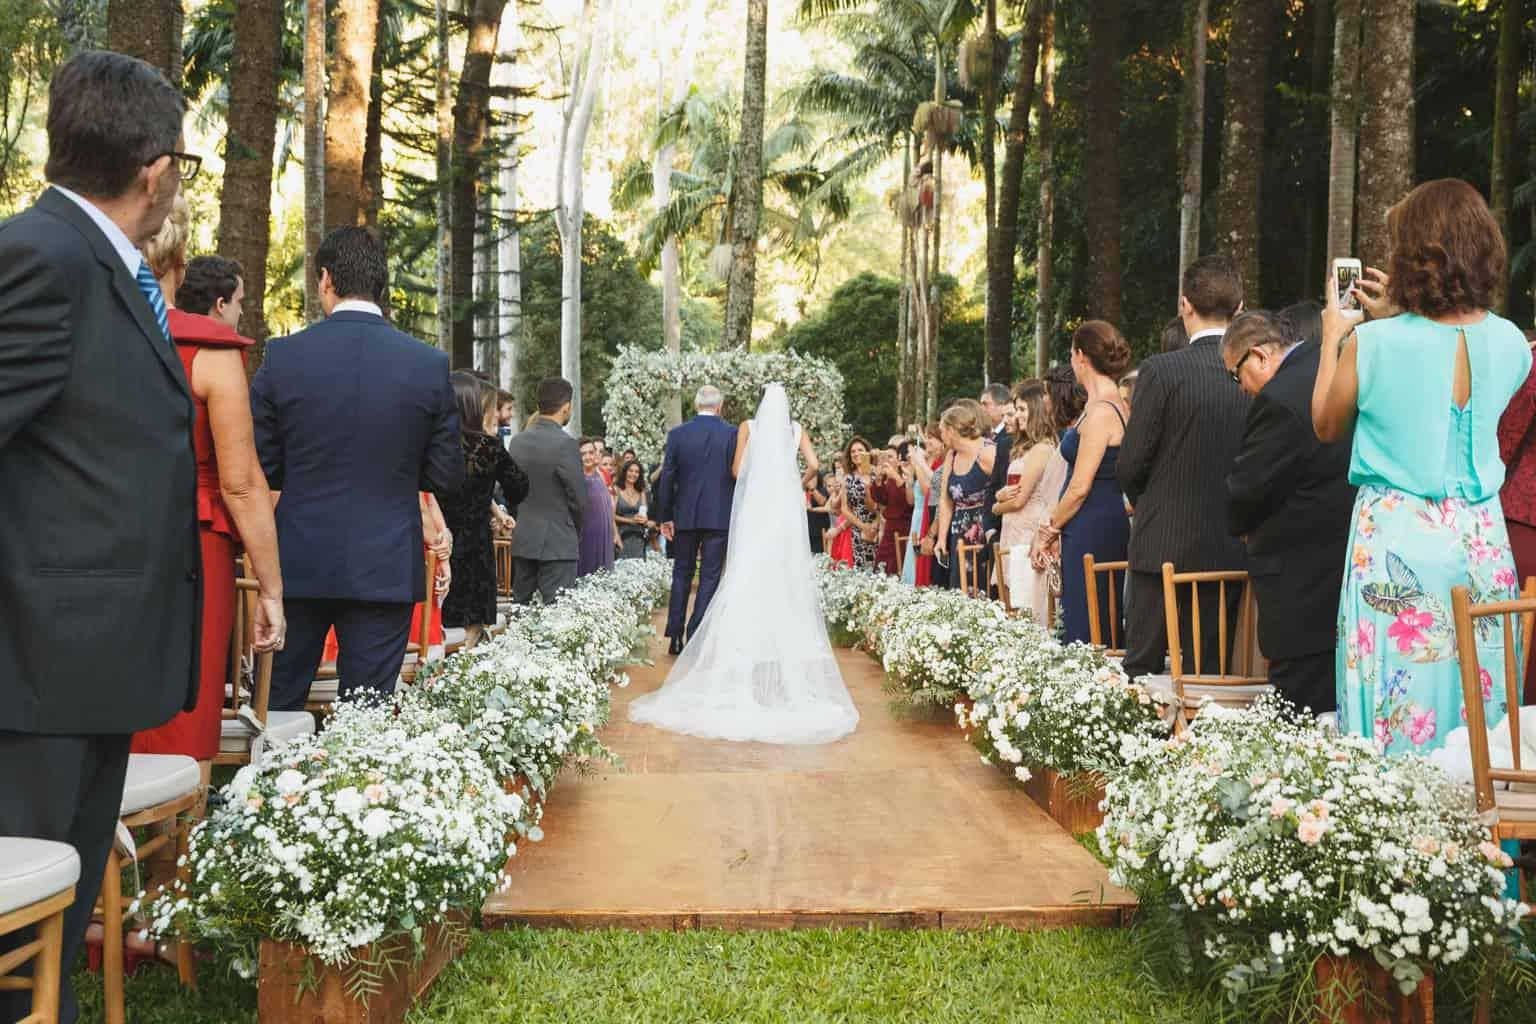 casamento-na-Fazenda-Vila-Rica-cerimonia-ao-ar-livre-cerimonial-Ana-Paula-Tabet-Fotografia-Euka-Weddings-Renata-e-Gabriel65